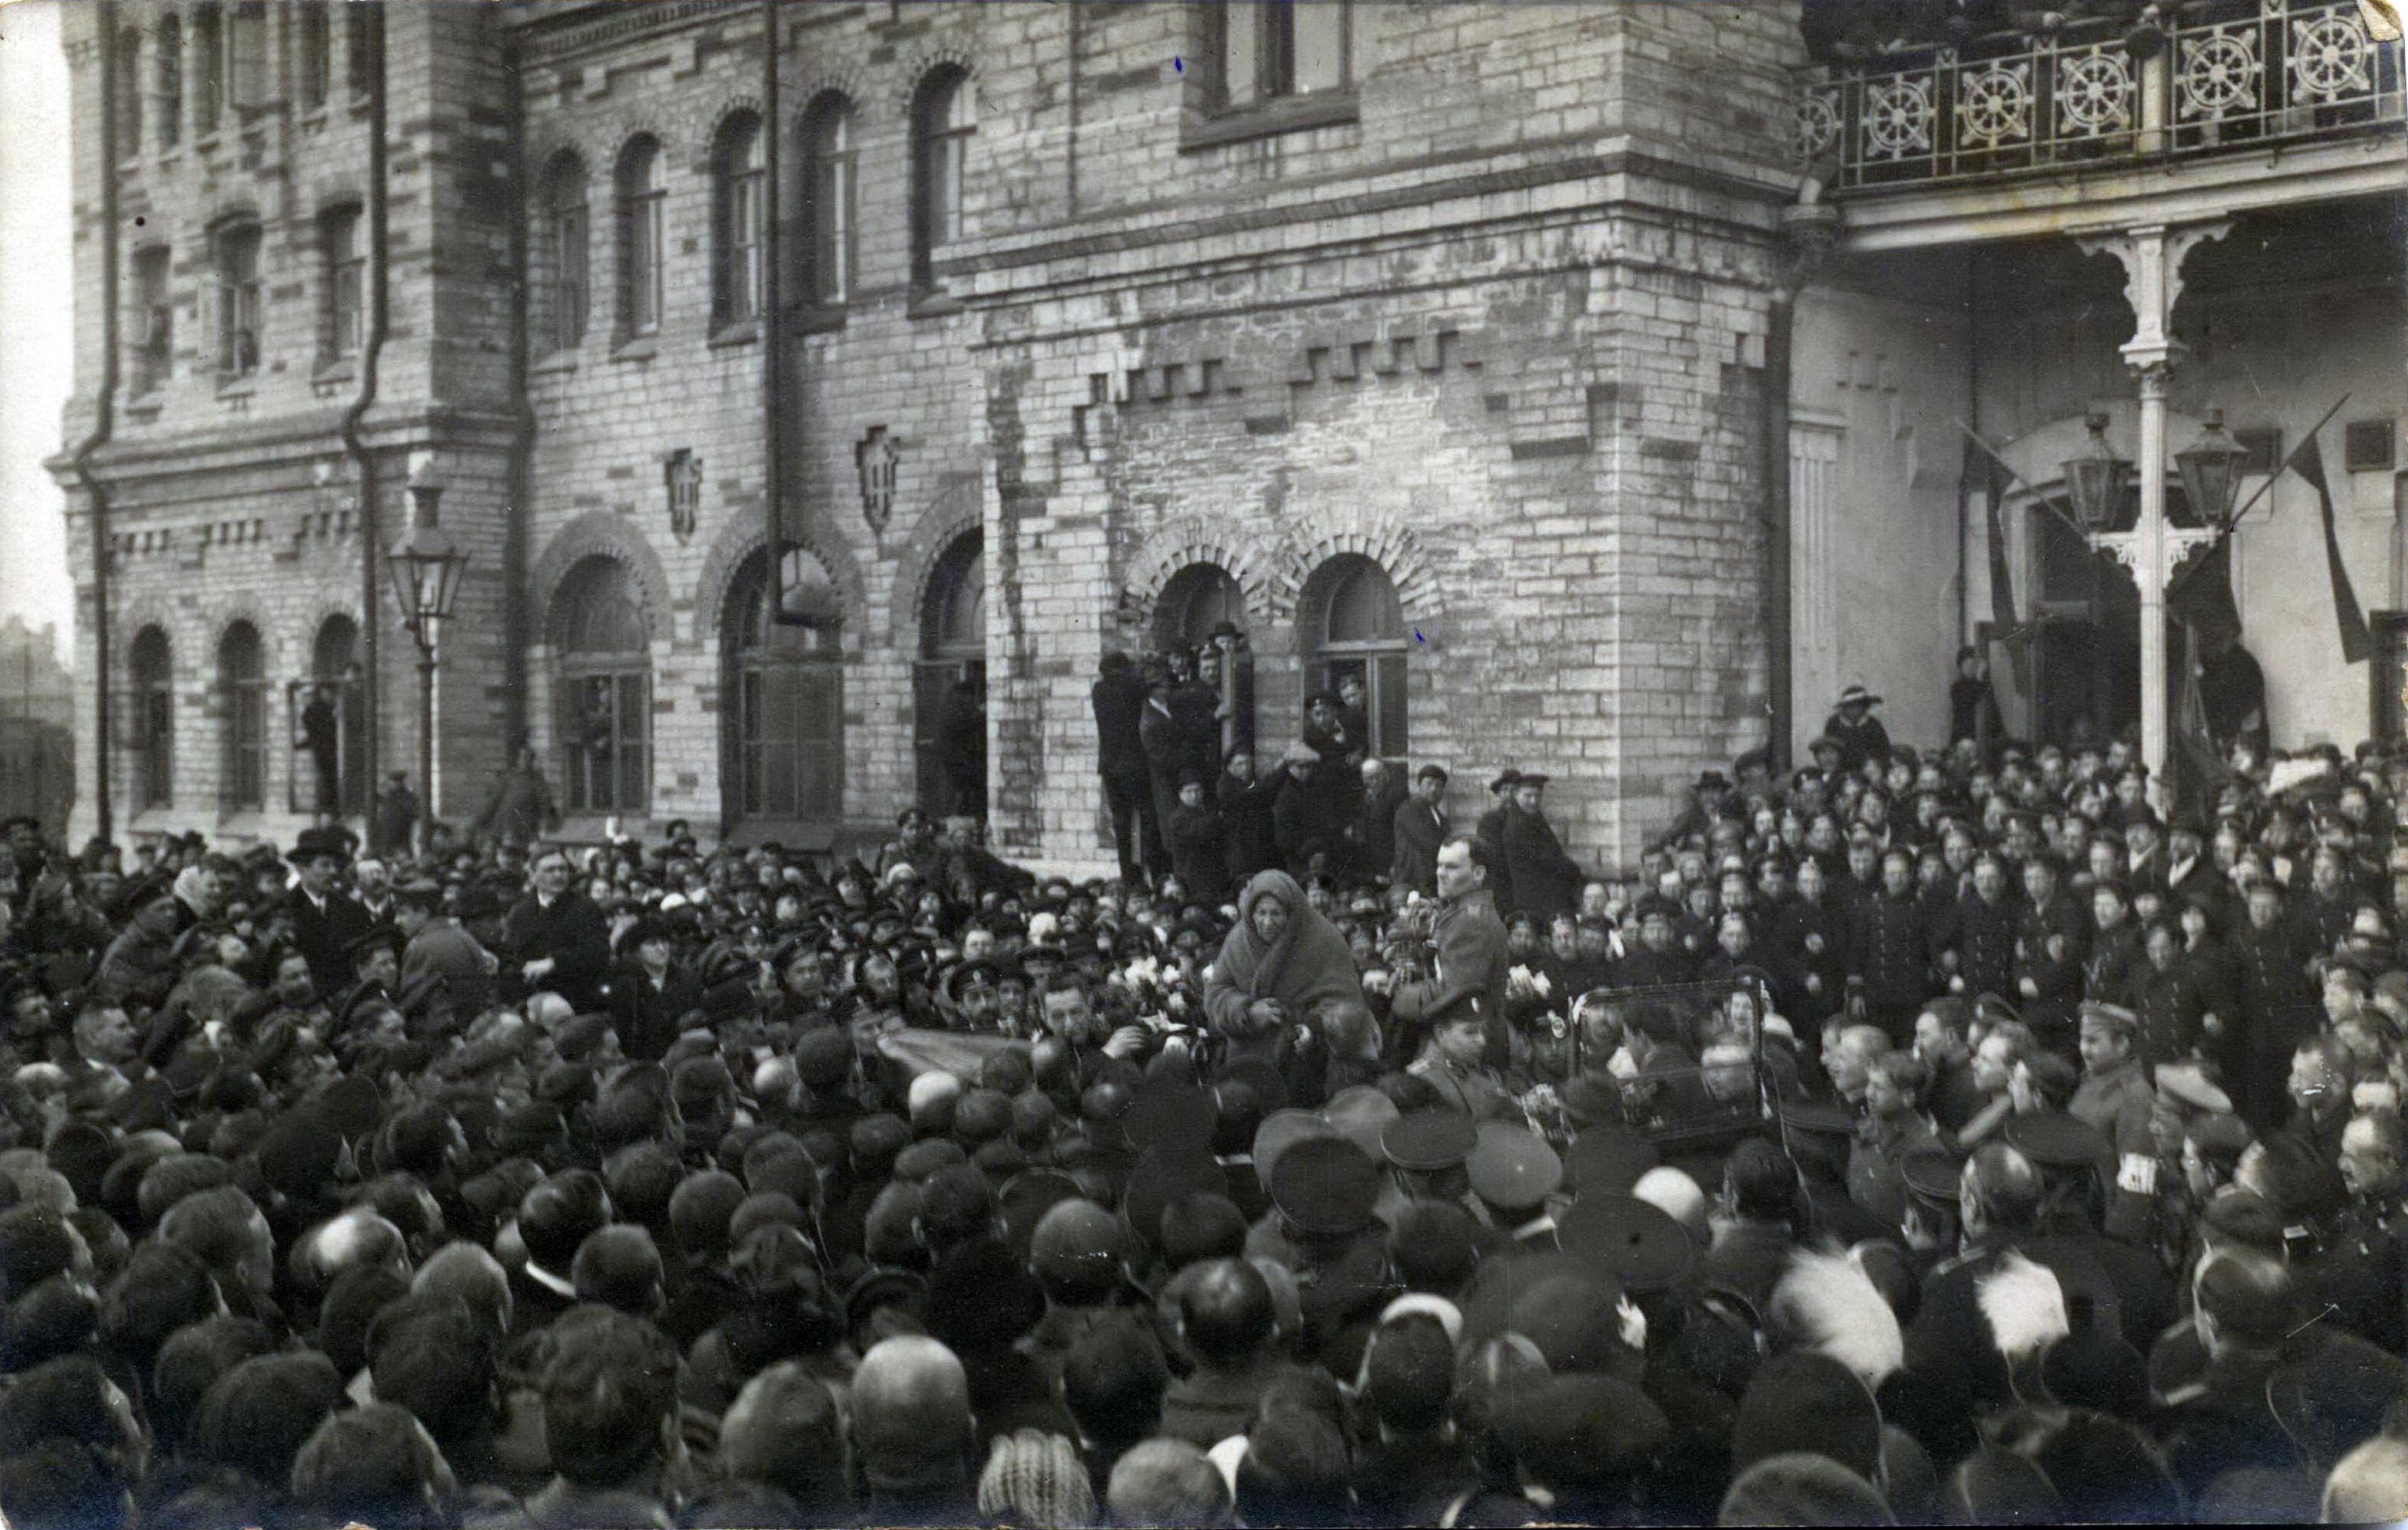 1917. Е.К. Брешко-Брешковская на Балтийском вокзале Ревеля. 6 апреля